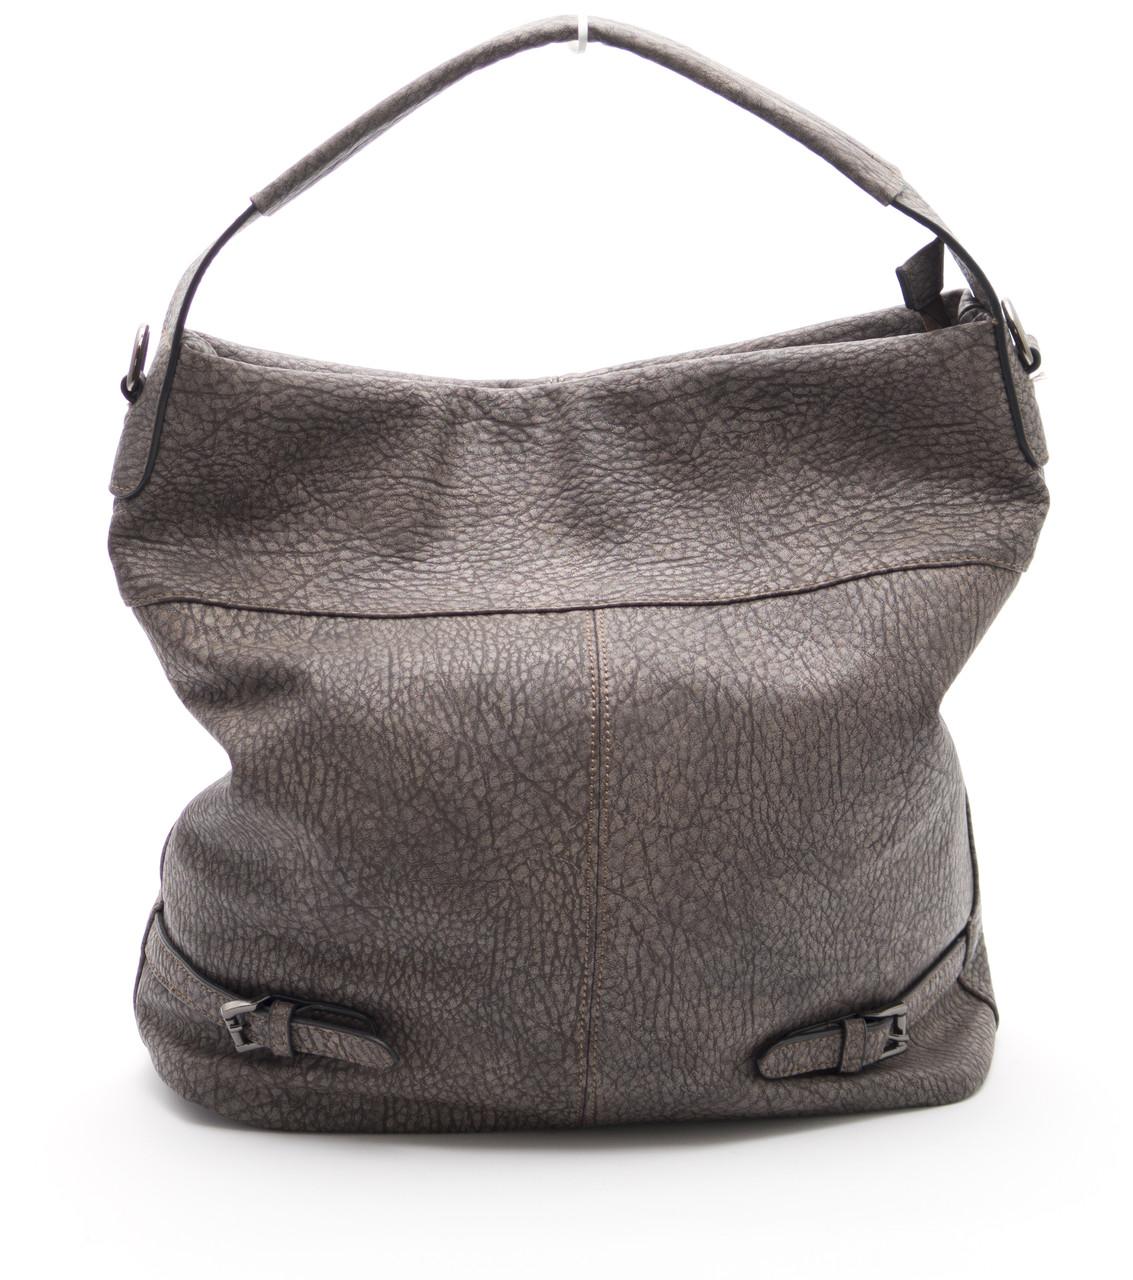 Вместительная женская сумка BALIFORD art.002 коричневая